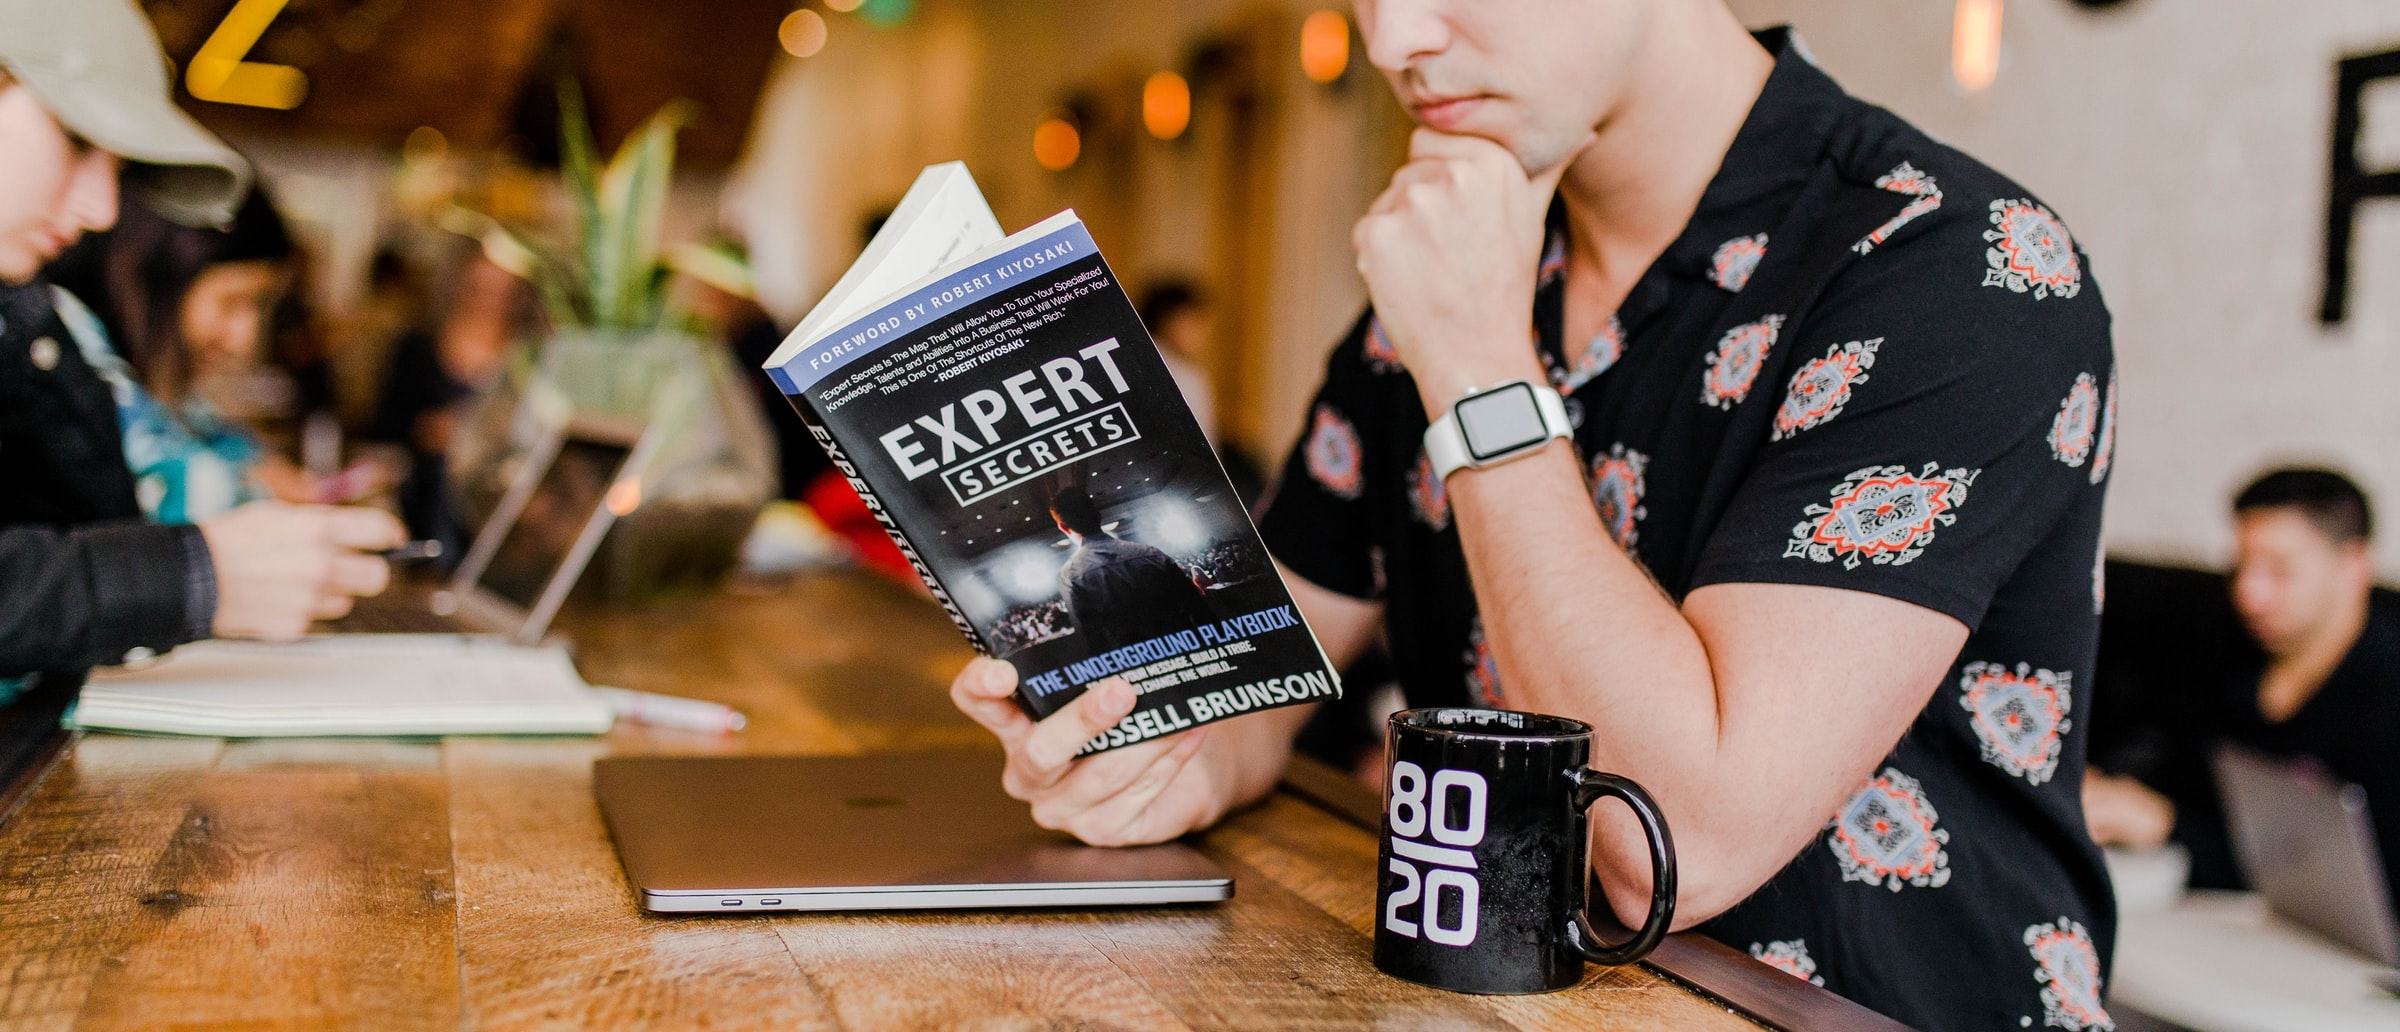 Content-Marketing | bezahlte Werbung | Onlinemarketing Agentur | www.45nord.de